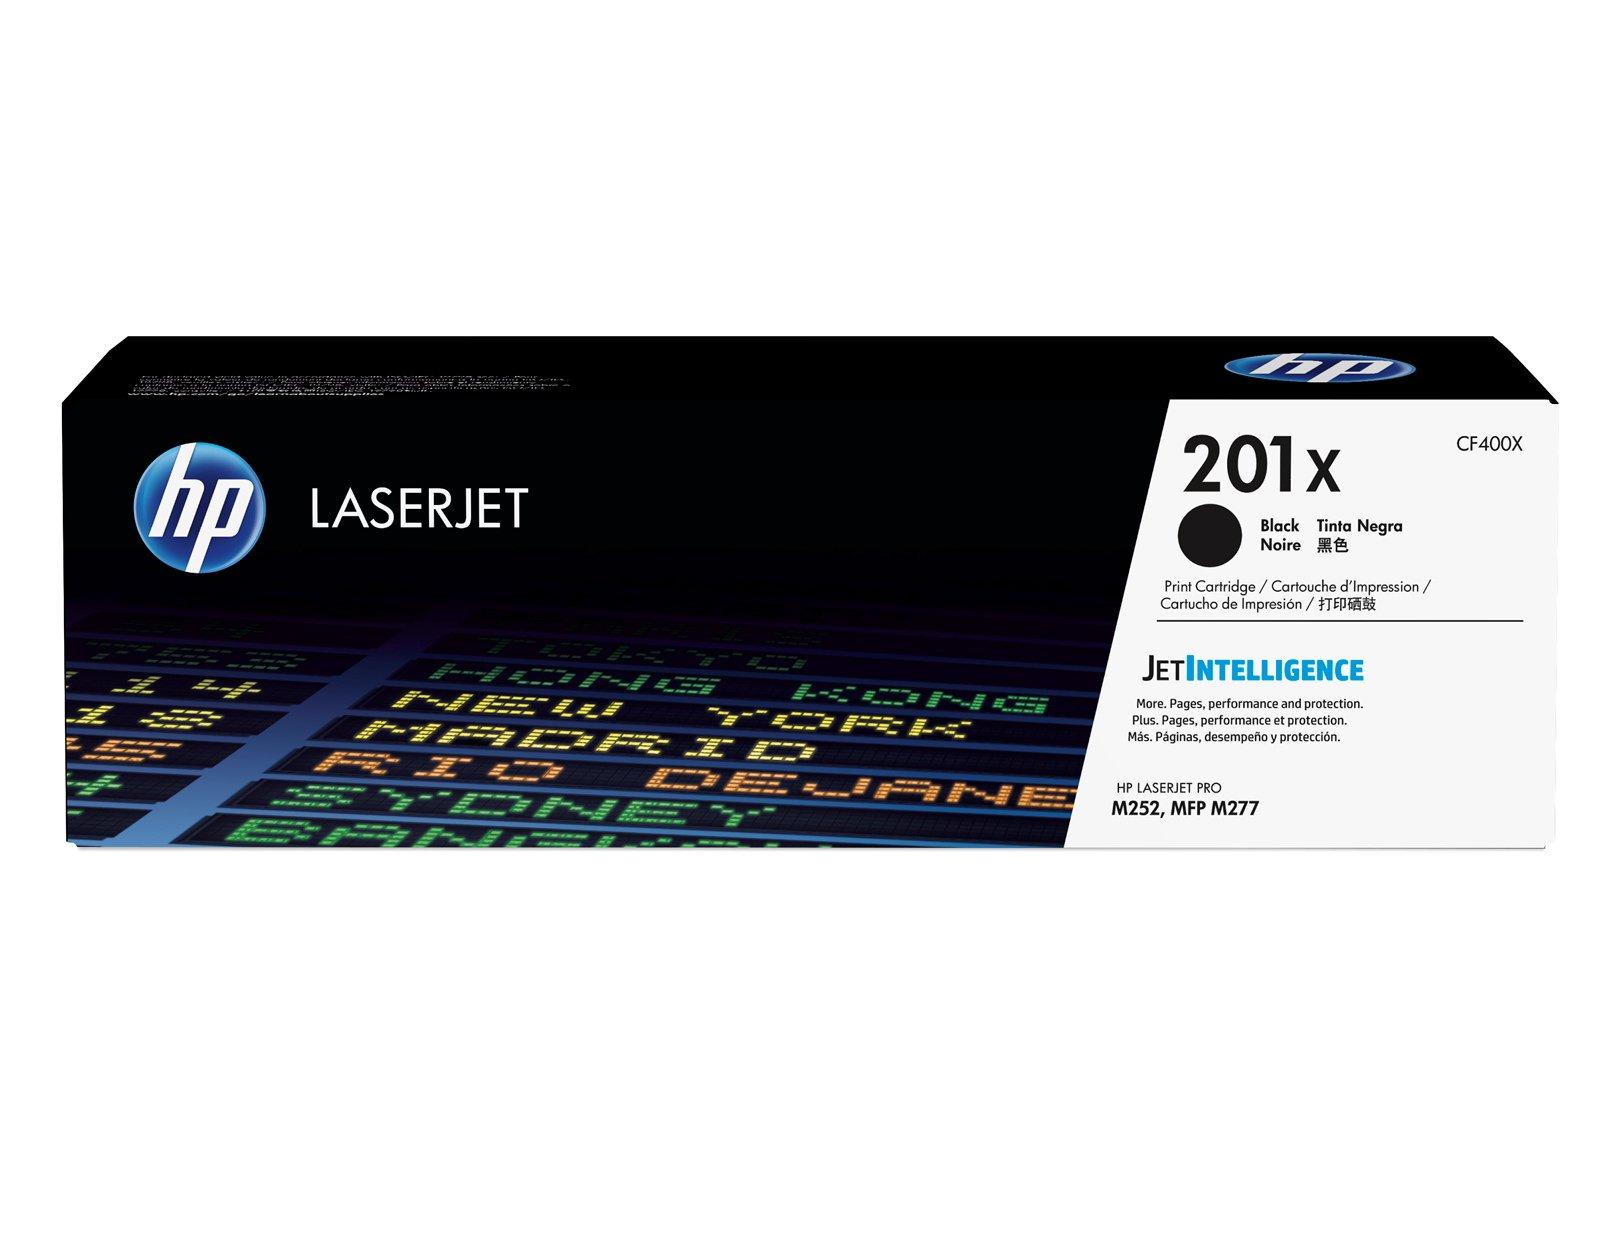 HP-LaserJet-Pro-MFP-M274n-M6D61A-Farblaser-Multifunktionsdrucker-wei-HP-201X-Toner-schwarz